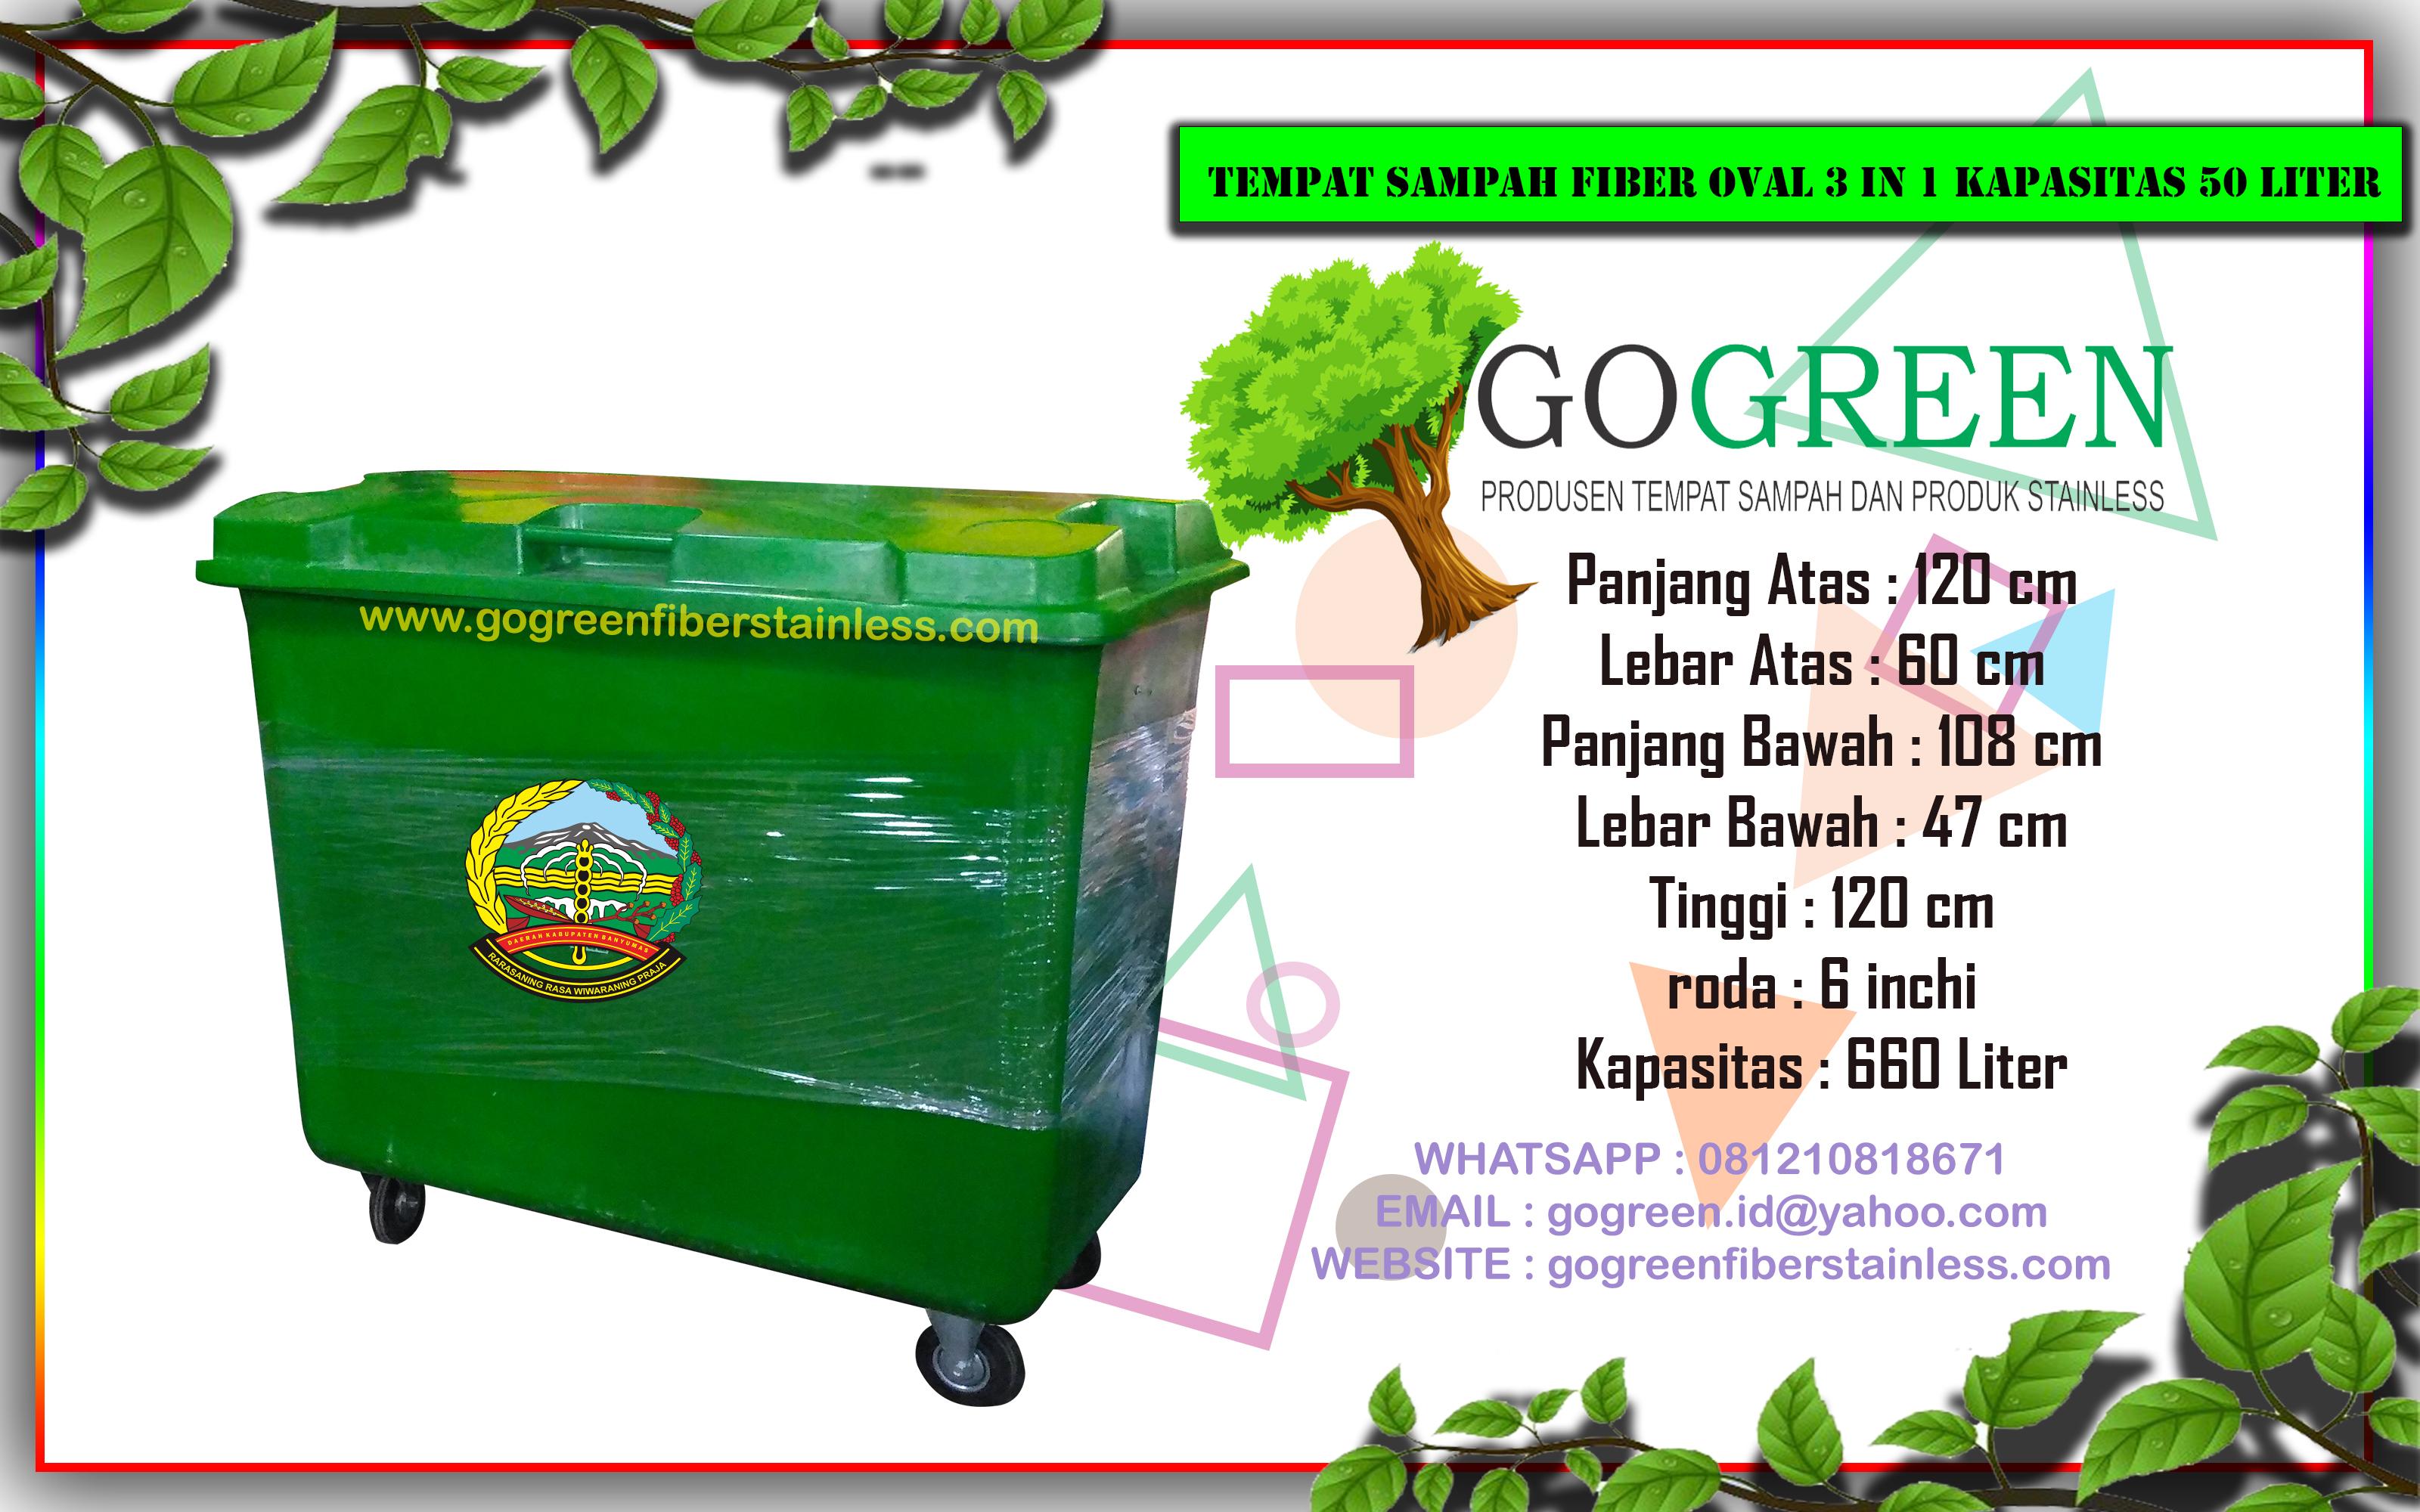 jual tempat sampah fiber roda kapasitas 660 liter di purwokerto banyumas, harga tong sampah fiberglass 3 pilah, 3 warna, dipurwokerto banyumas